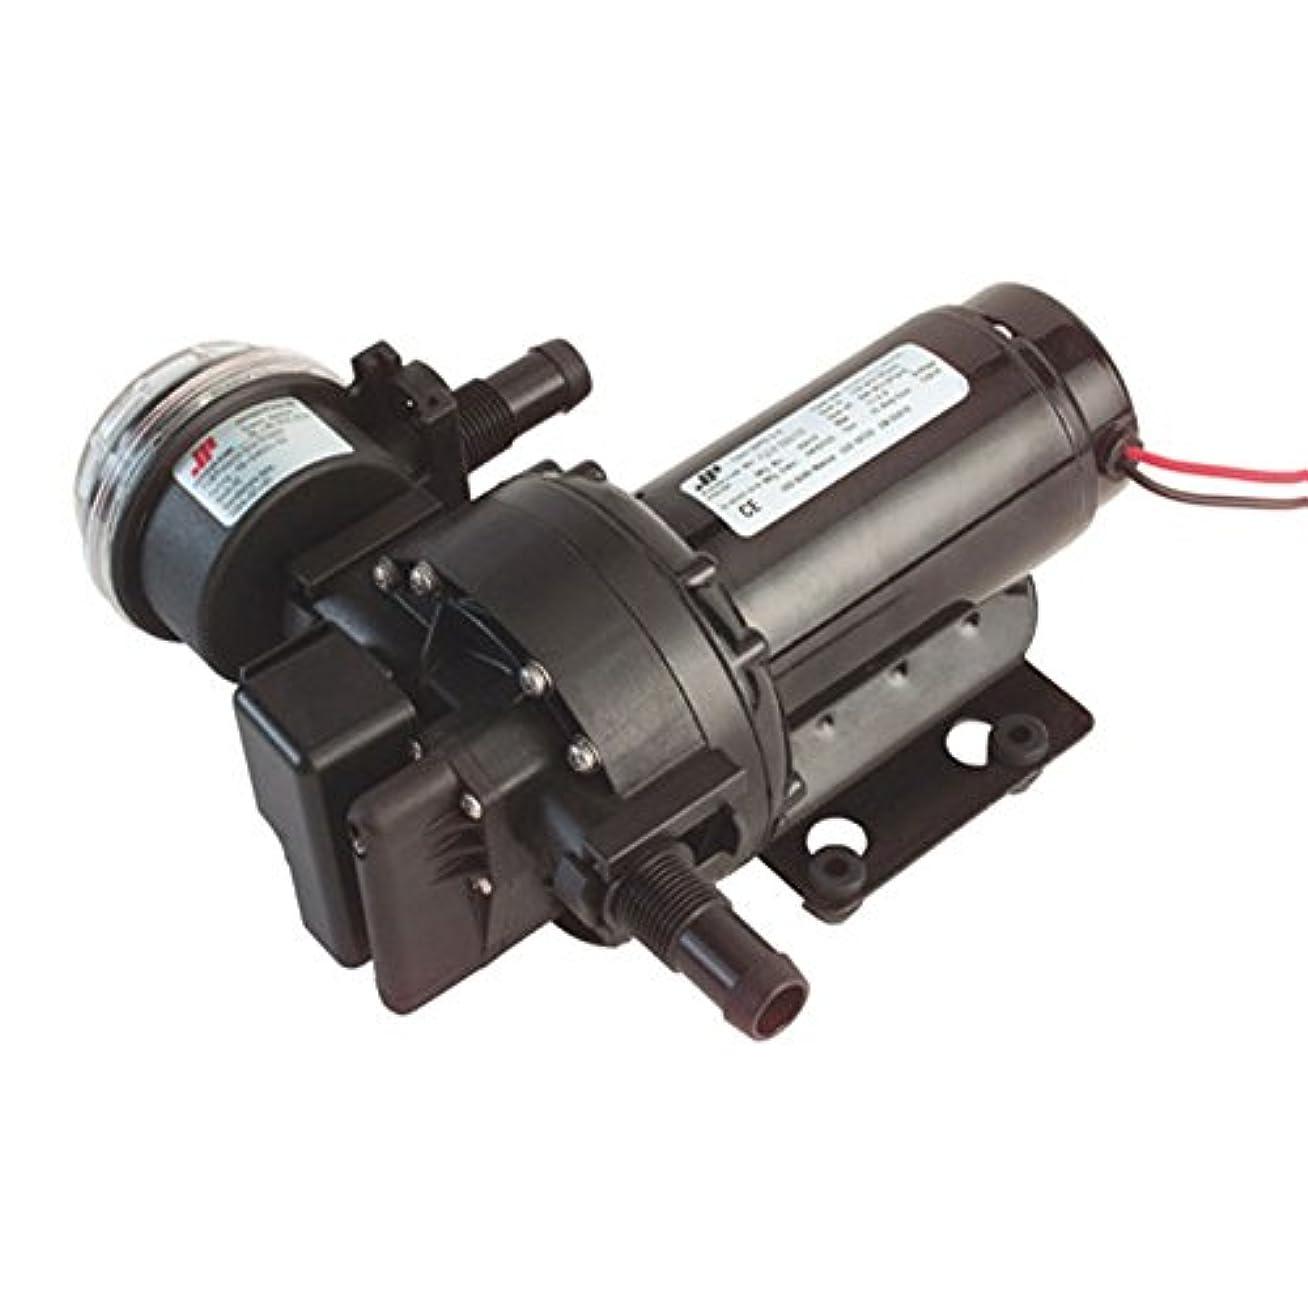 ヘルシージャングル請願者Johnson Pump Flow Master 5.0 Gph Variable Flow Demand Pump 12V